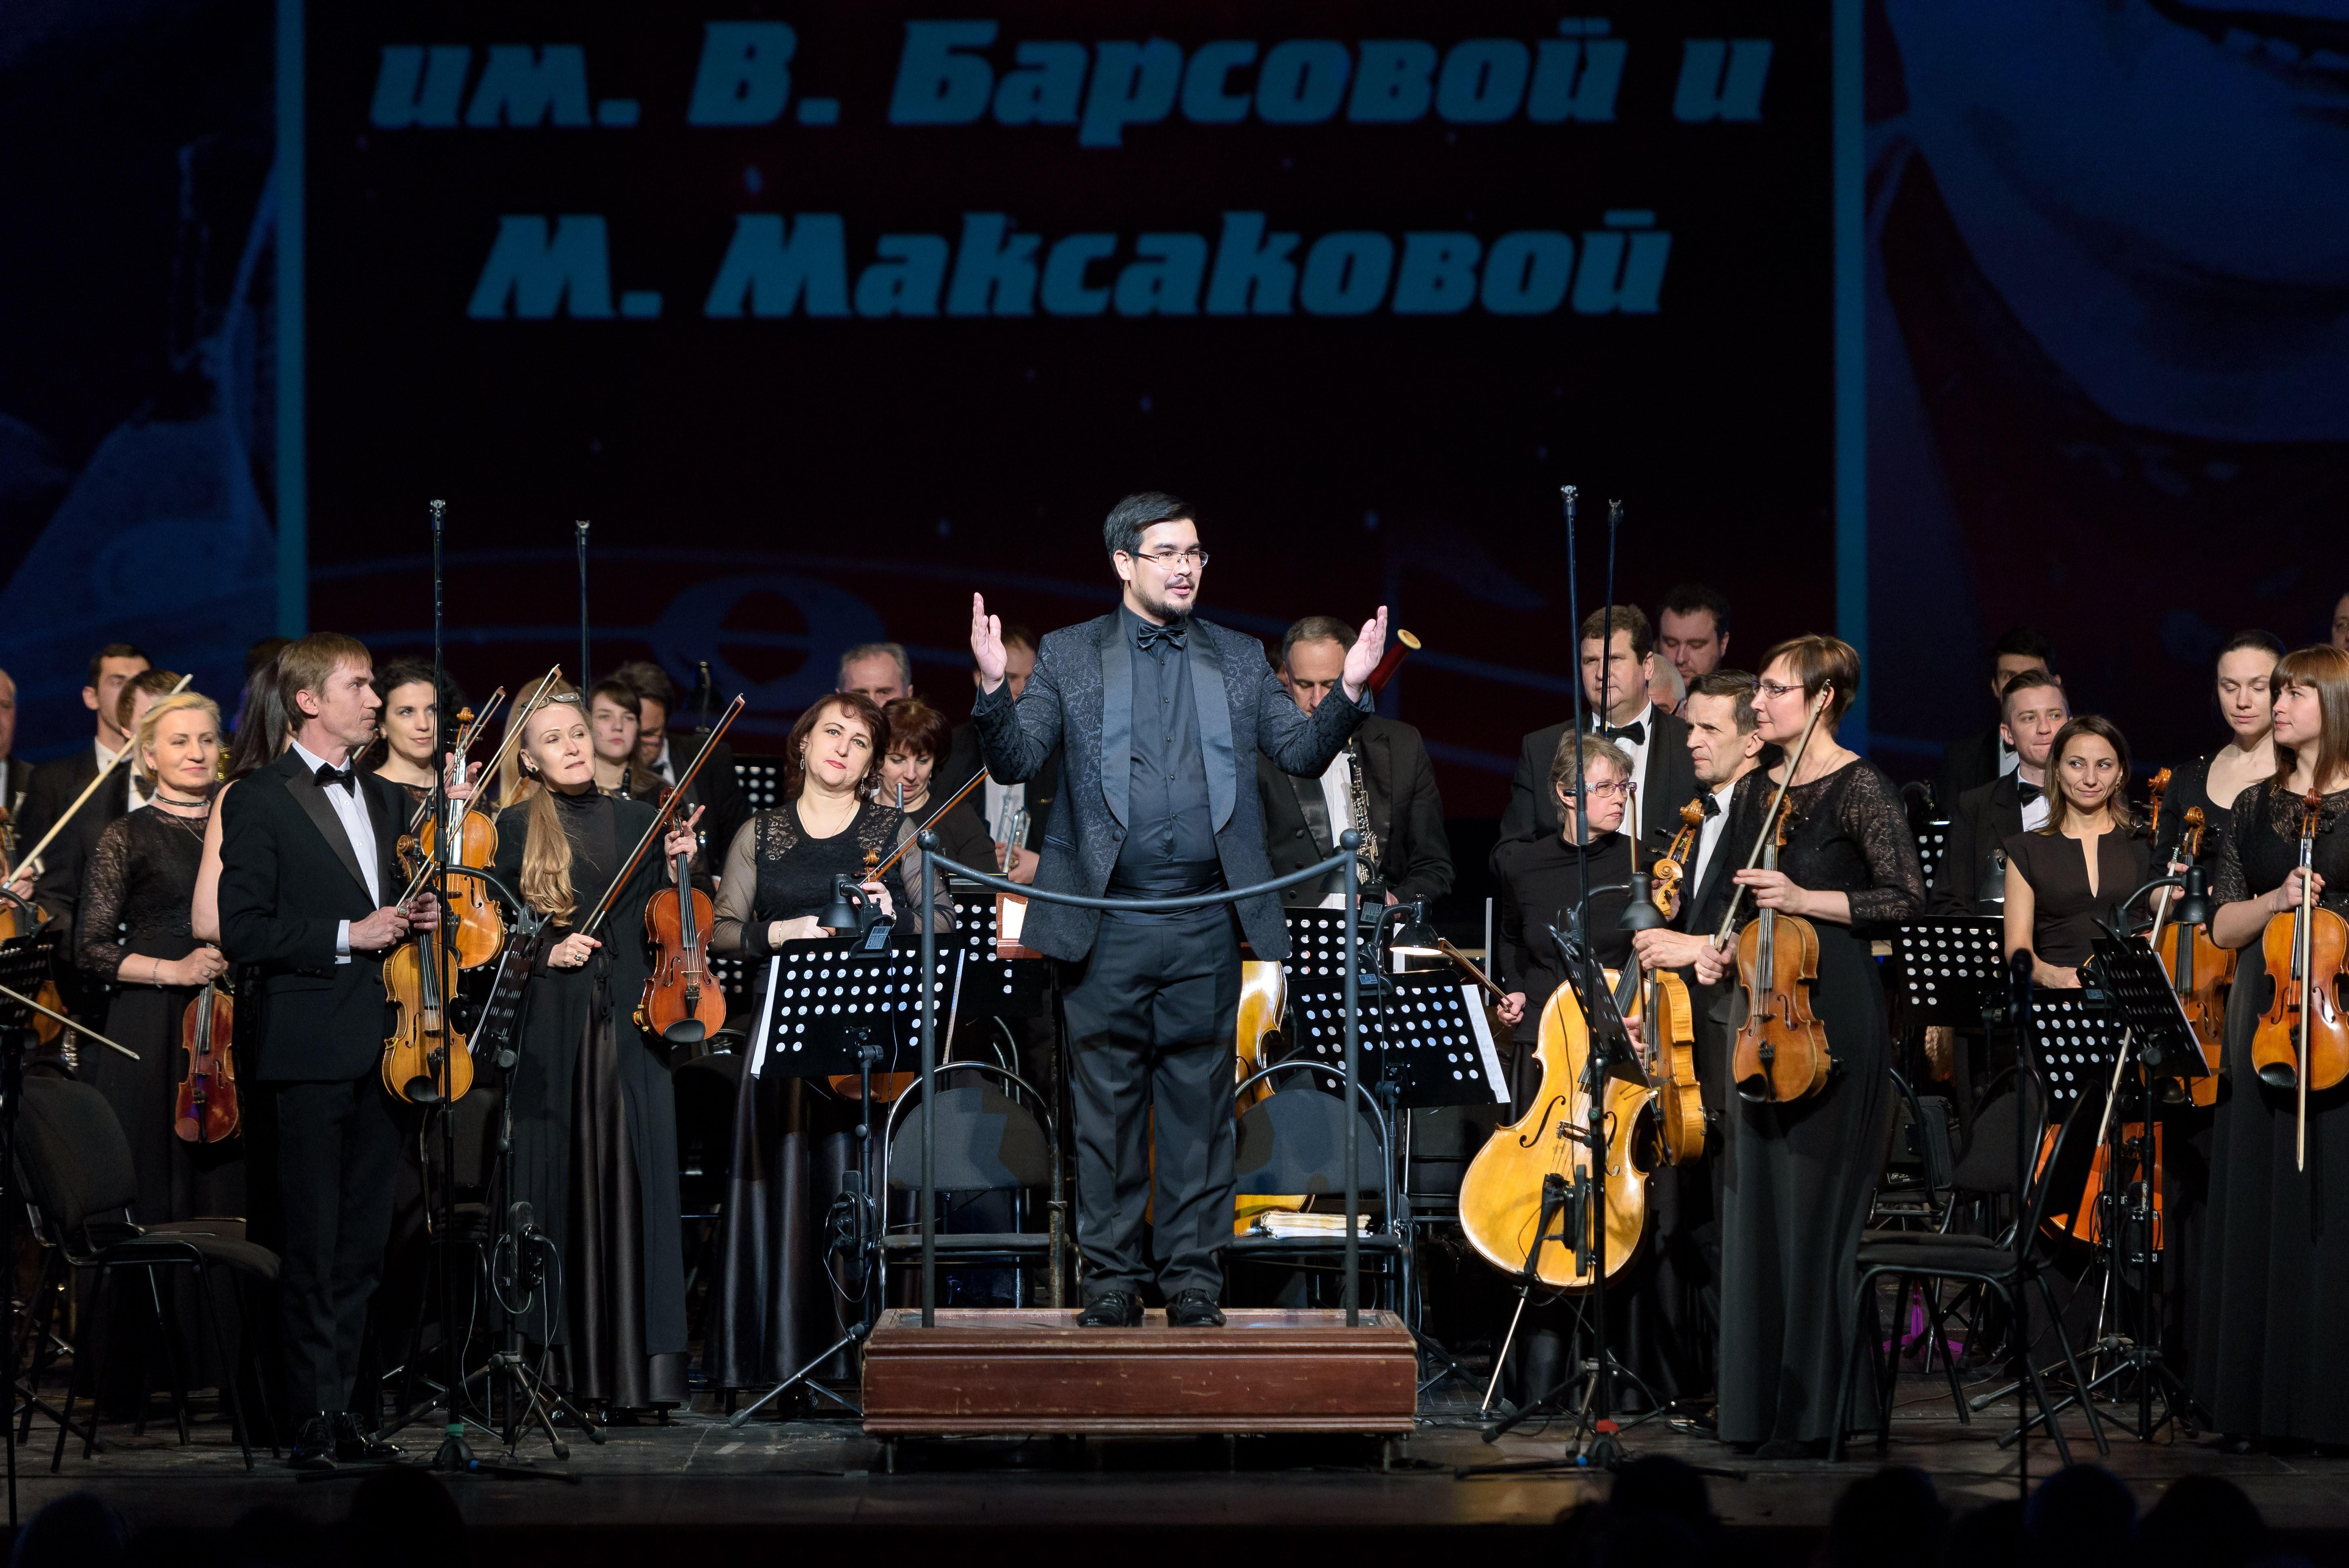 Фестиваль вокального искусства имени Барсовой и Максаковой открыт